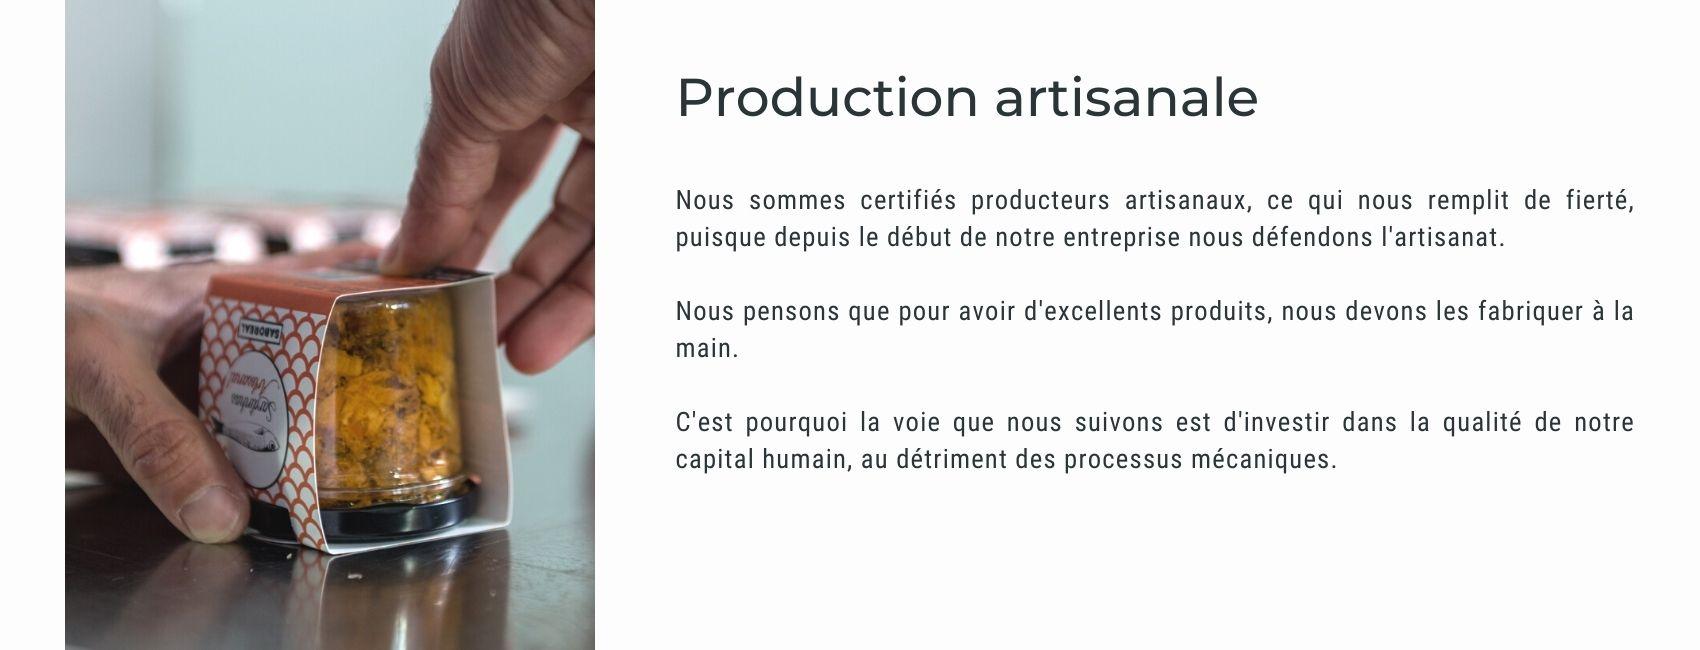 Nous sommes certifiés producteurs artisanaux, ce qui nous remplit de fierté, puisque depuis le début de notre entreprise nous défendons l'artisanat.  Nous pensons que pour avoir d'excellents produits, nous devons les fabriquer à la main.  C'est pourquoi la voie que nous suivons est d'investir dans la qualité de notre capital humain, au détriment des processus mécaniques.